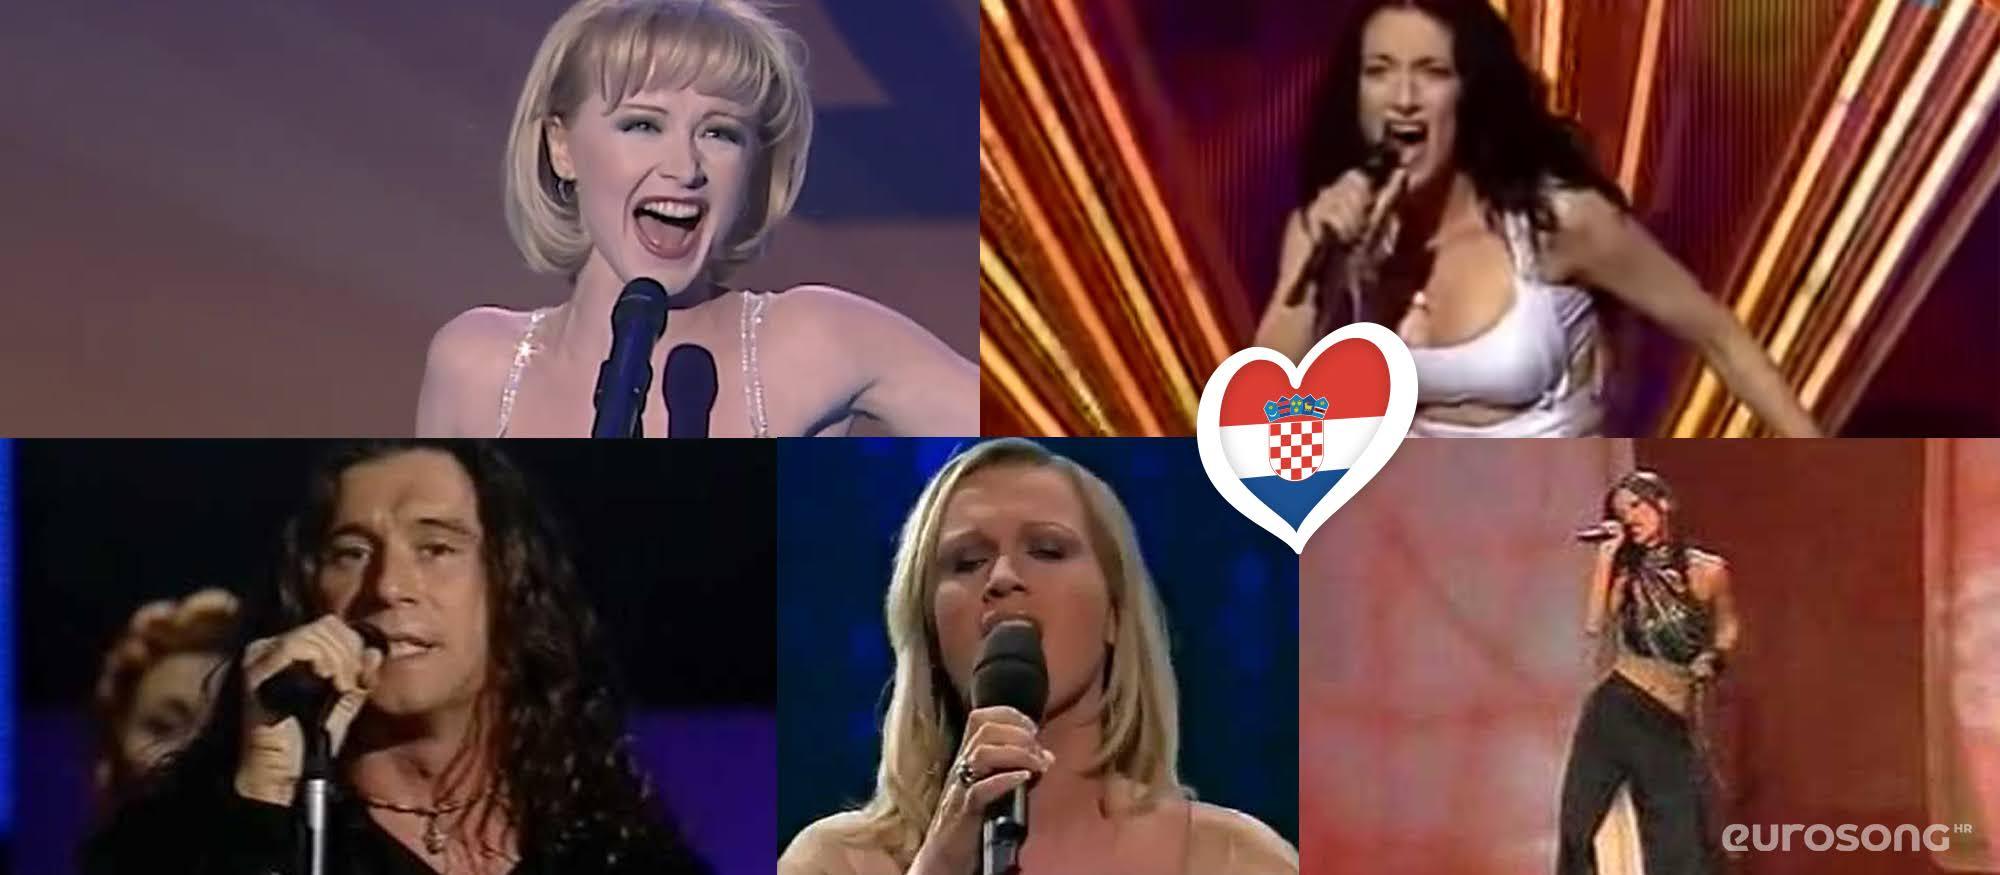 Hrvatska na Eurosongu - izvođači od 1998. do 2002.